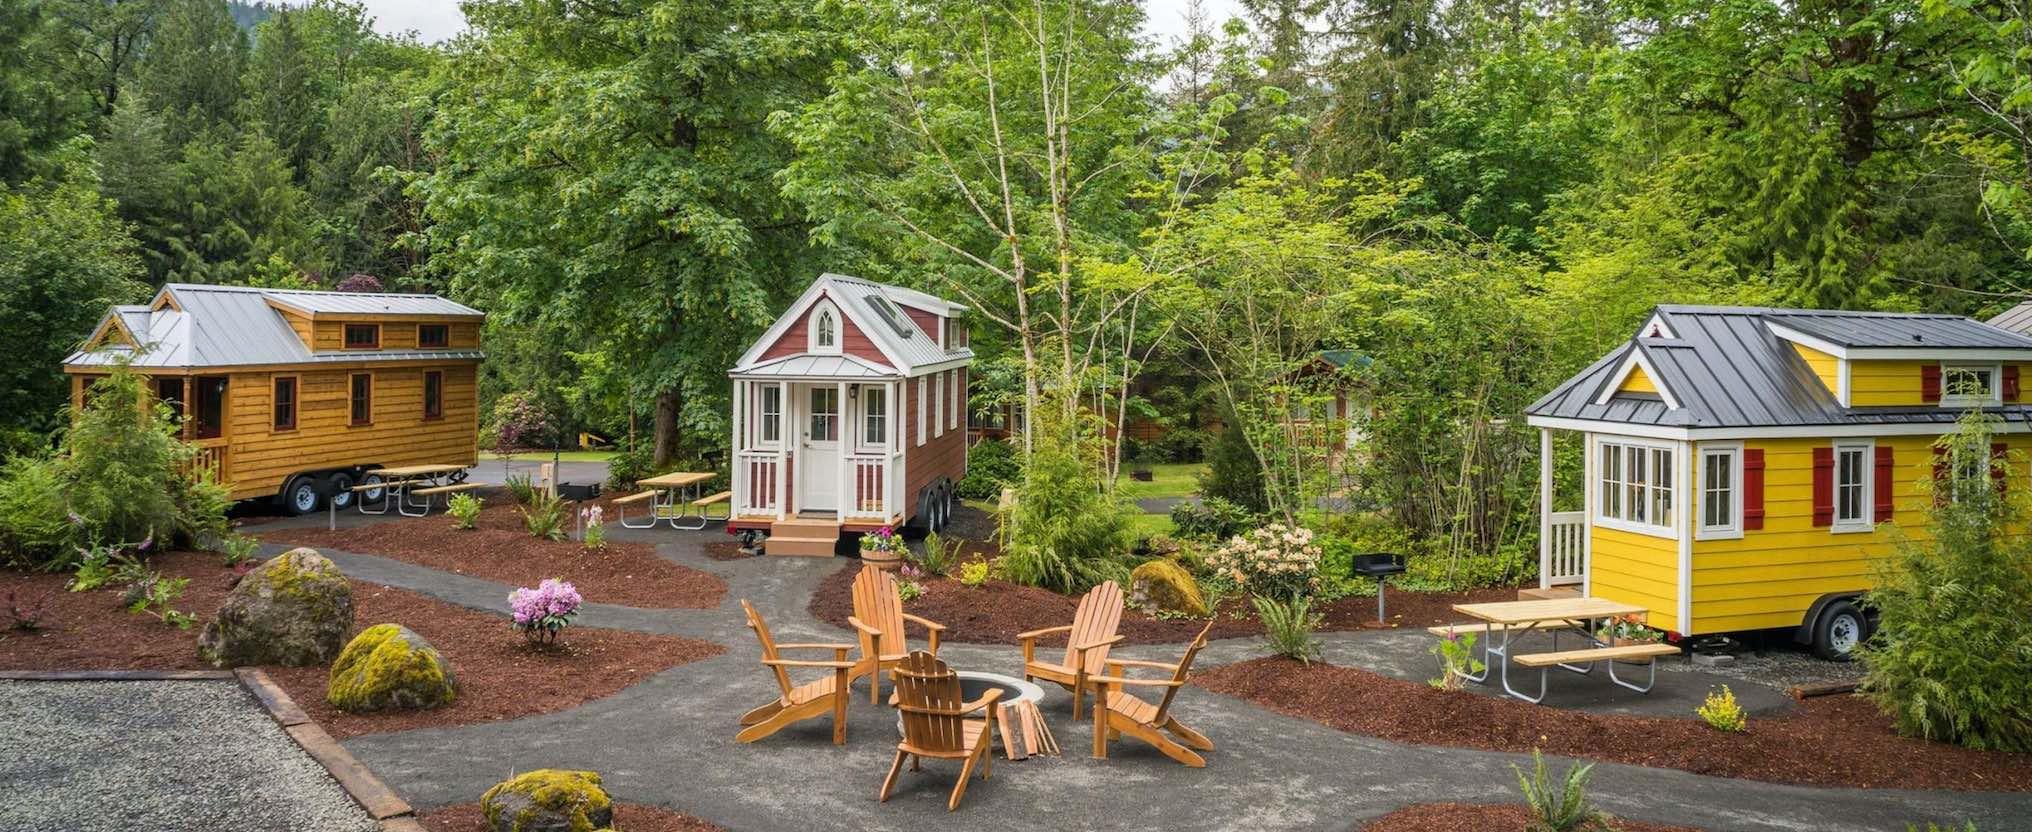 Tiny Houses Grundstuck Suchen Finden Pachten Oder Kaufen Minihaus